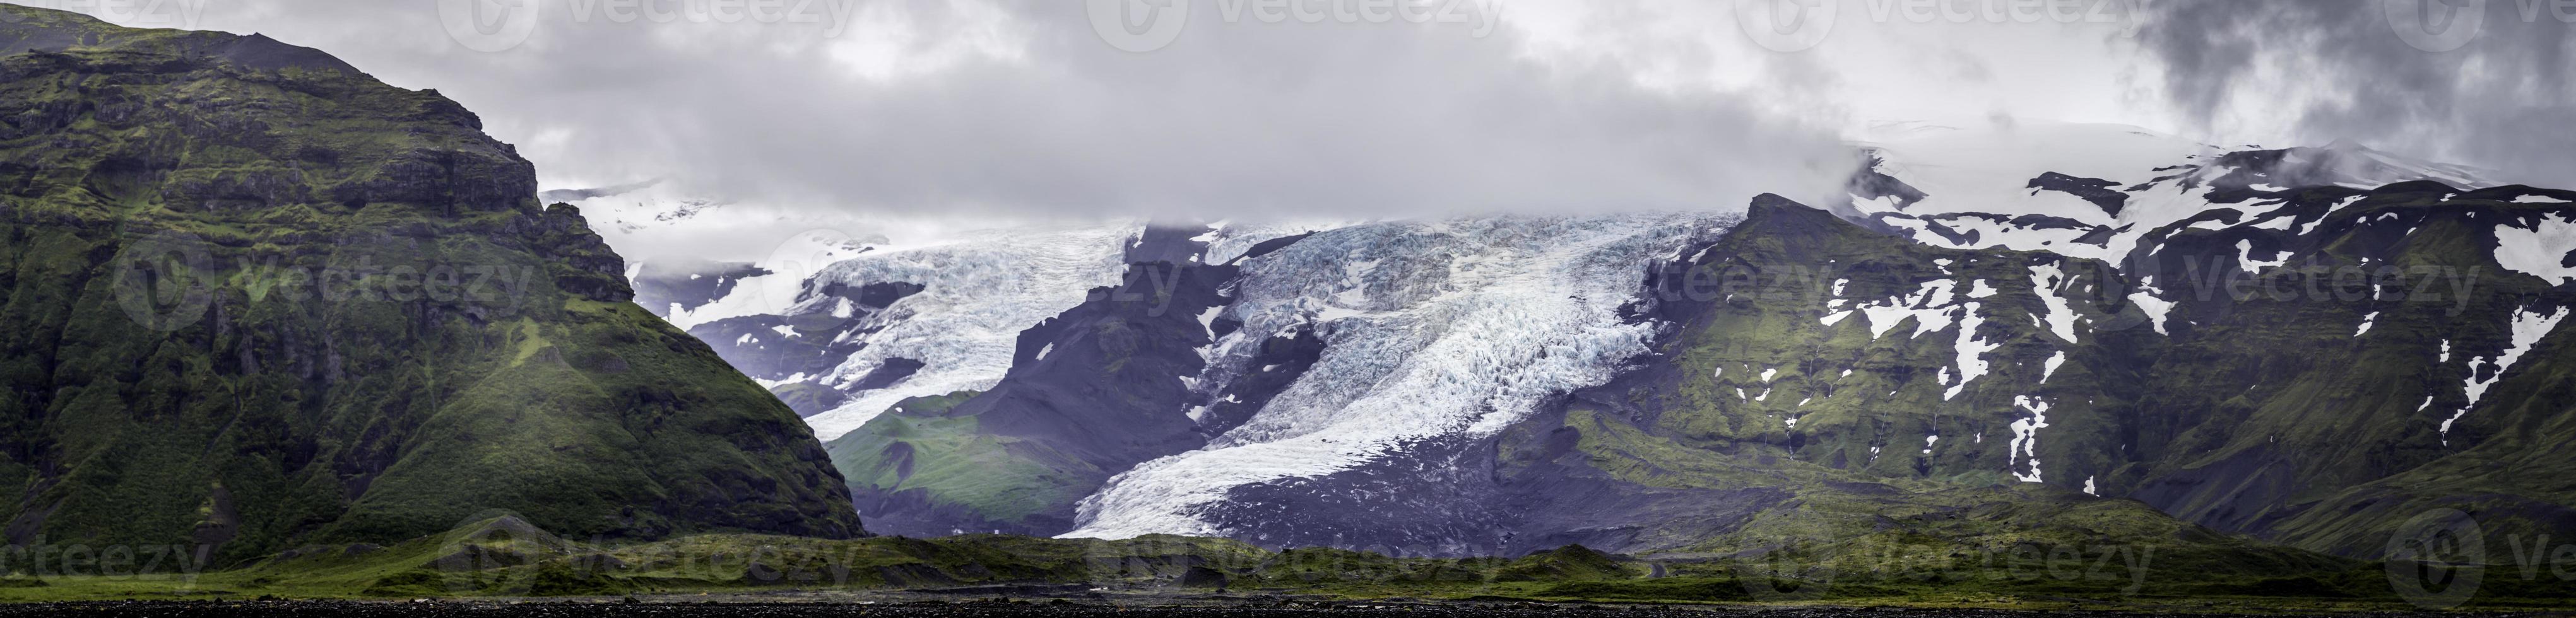 Gletscher foto